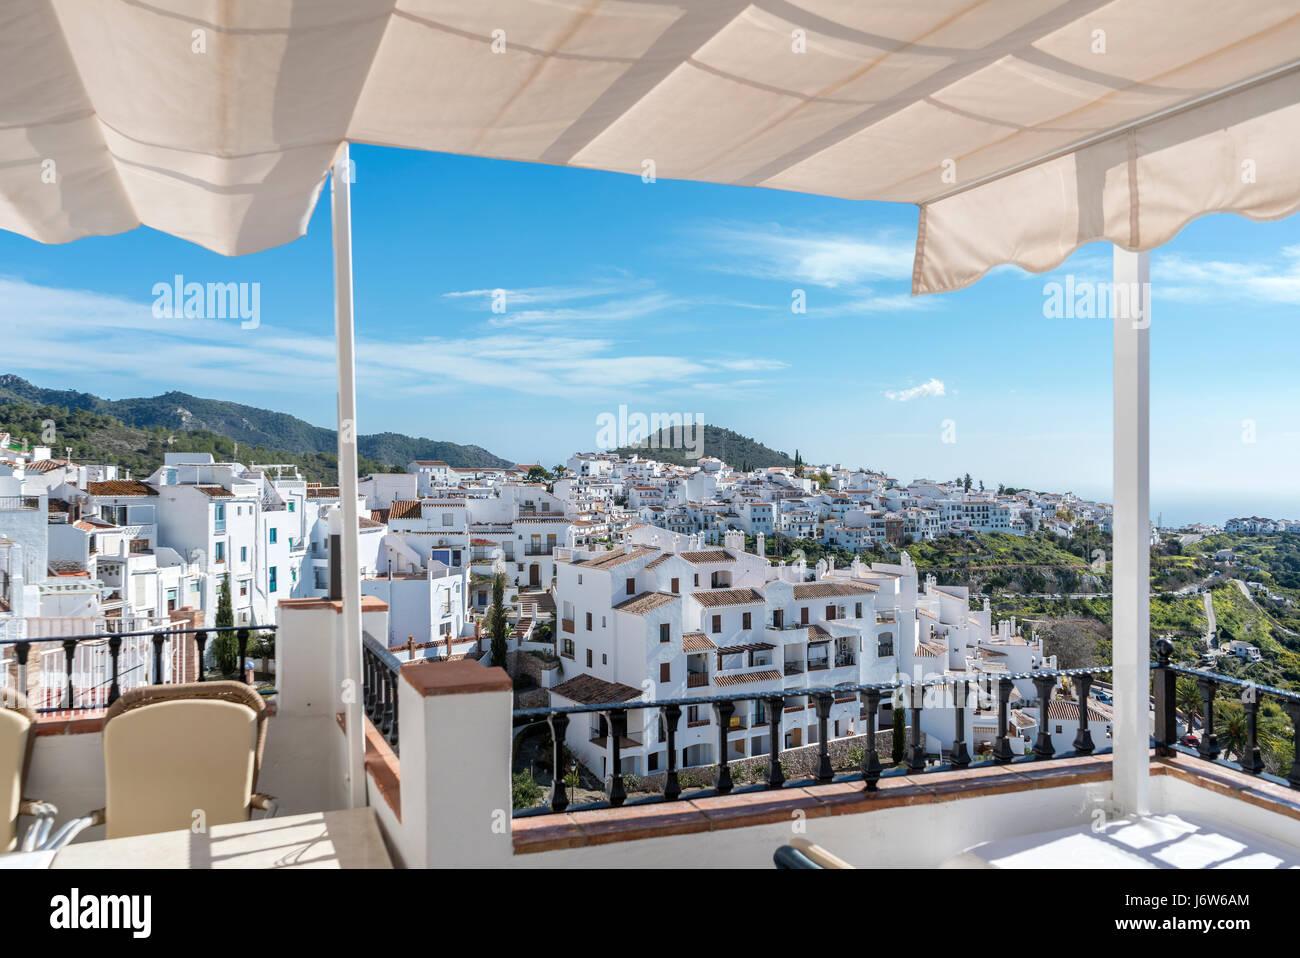 Frigiliana Costa del Sol, Andalusia. Frigiliana, il più bel villaggio in Spagna. La vista dalla terrazza del ristorante El Casino. Foto Stock